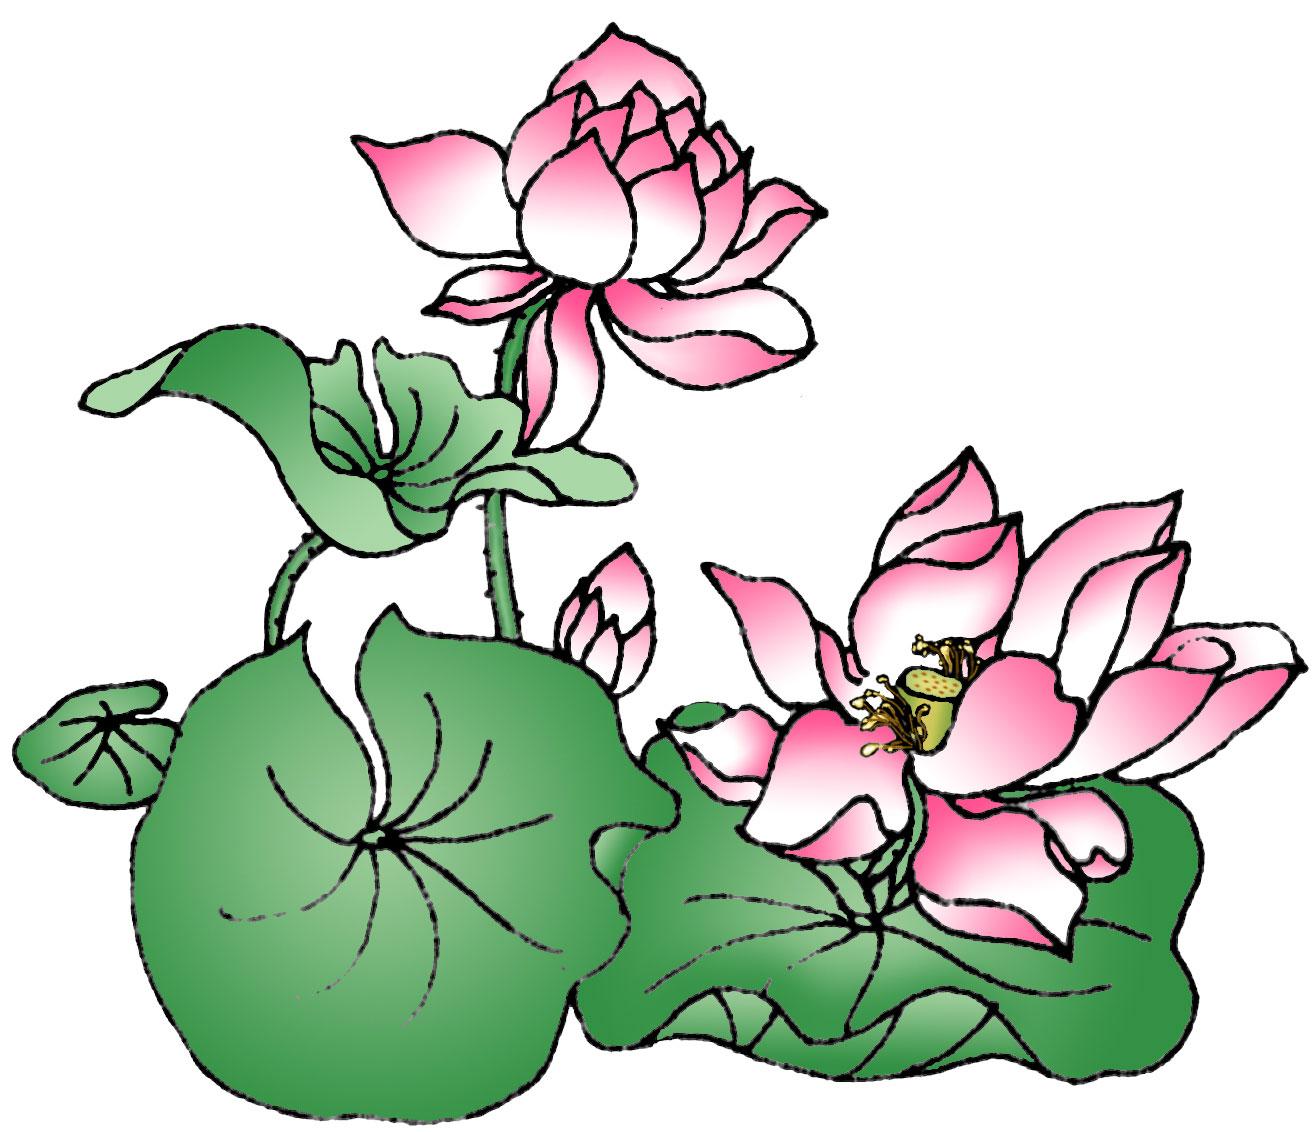 Lotus Flower Art Clearwisdom.net...